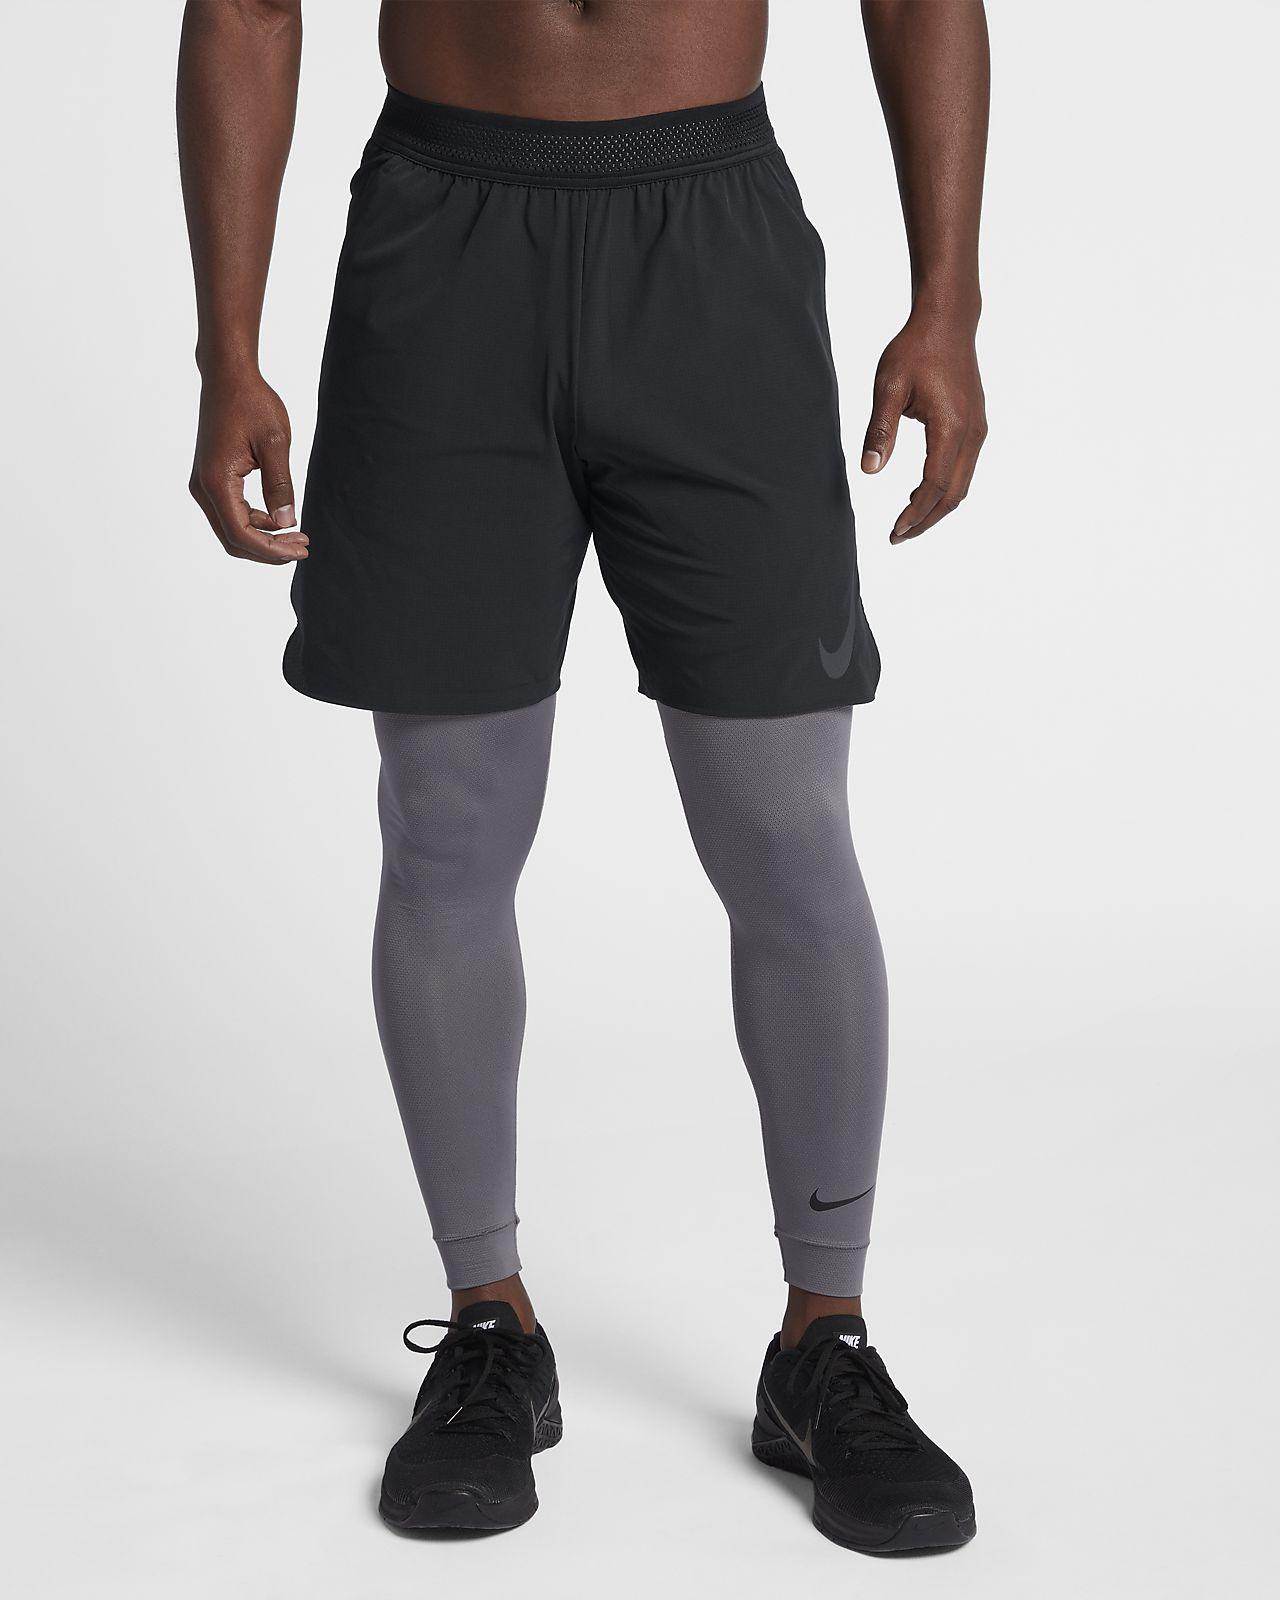 e52583860bb Nike Flex Repel Men s Training Shorts. Nike.com